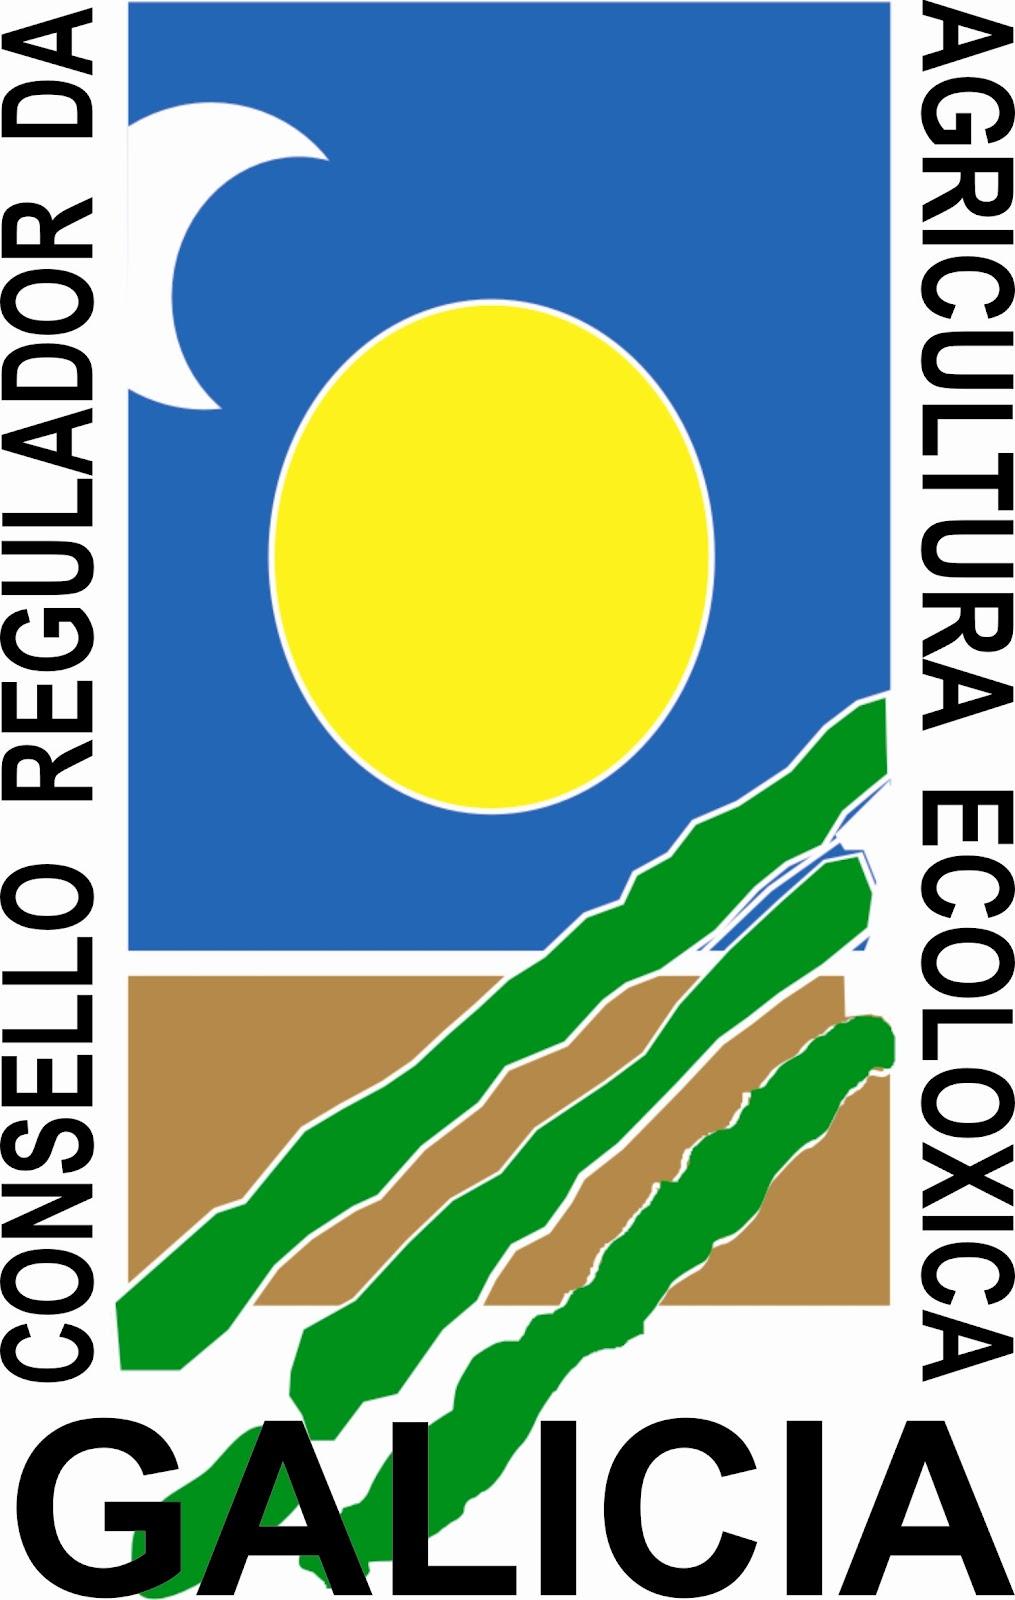 Etiqueta de productos orgánicos en Galicia - Cada comunidad autónoma tiene la suya propia.